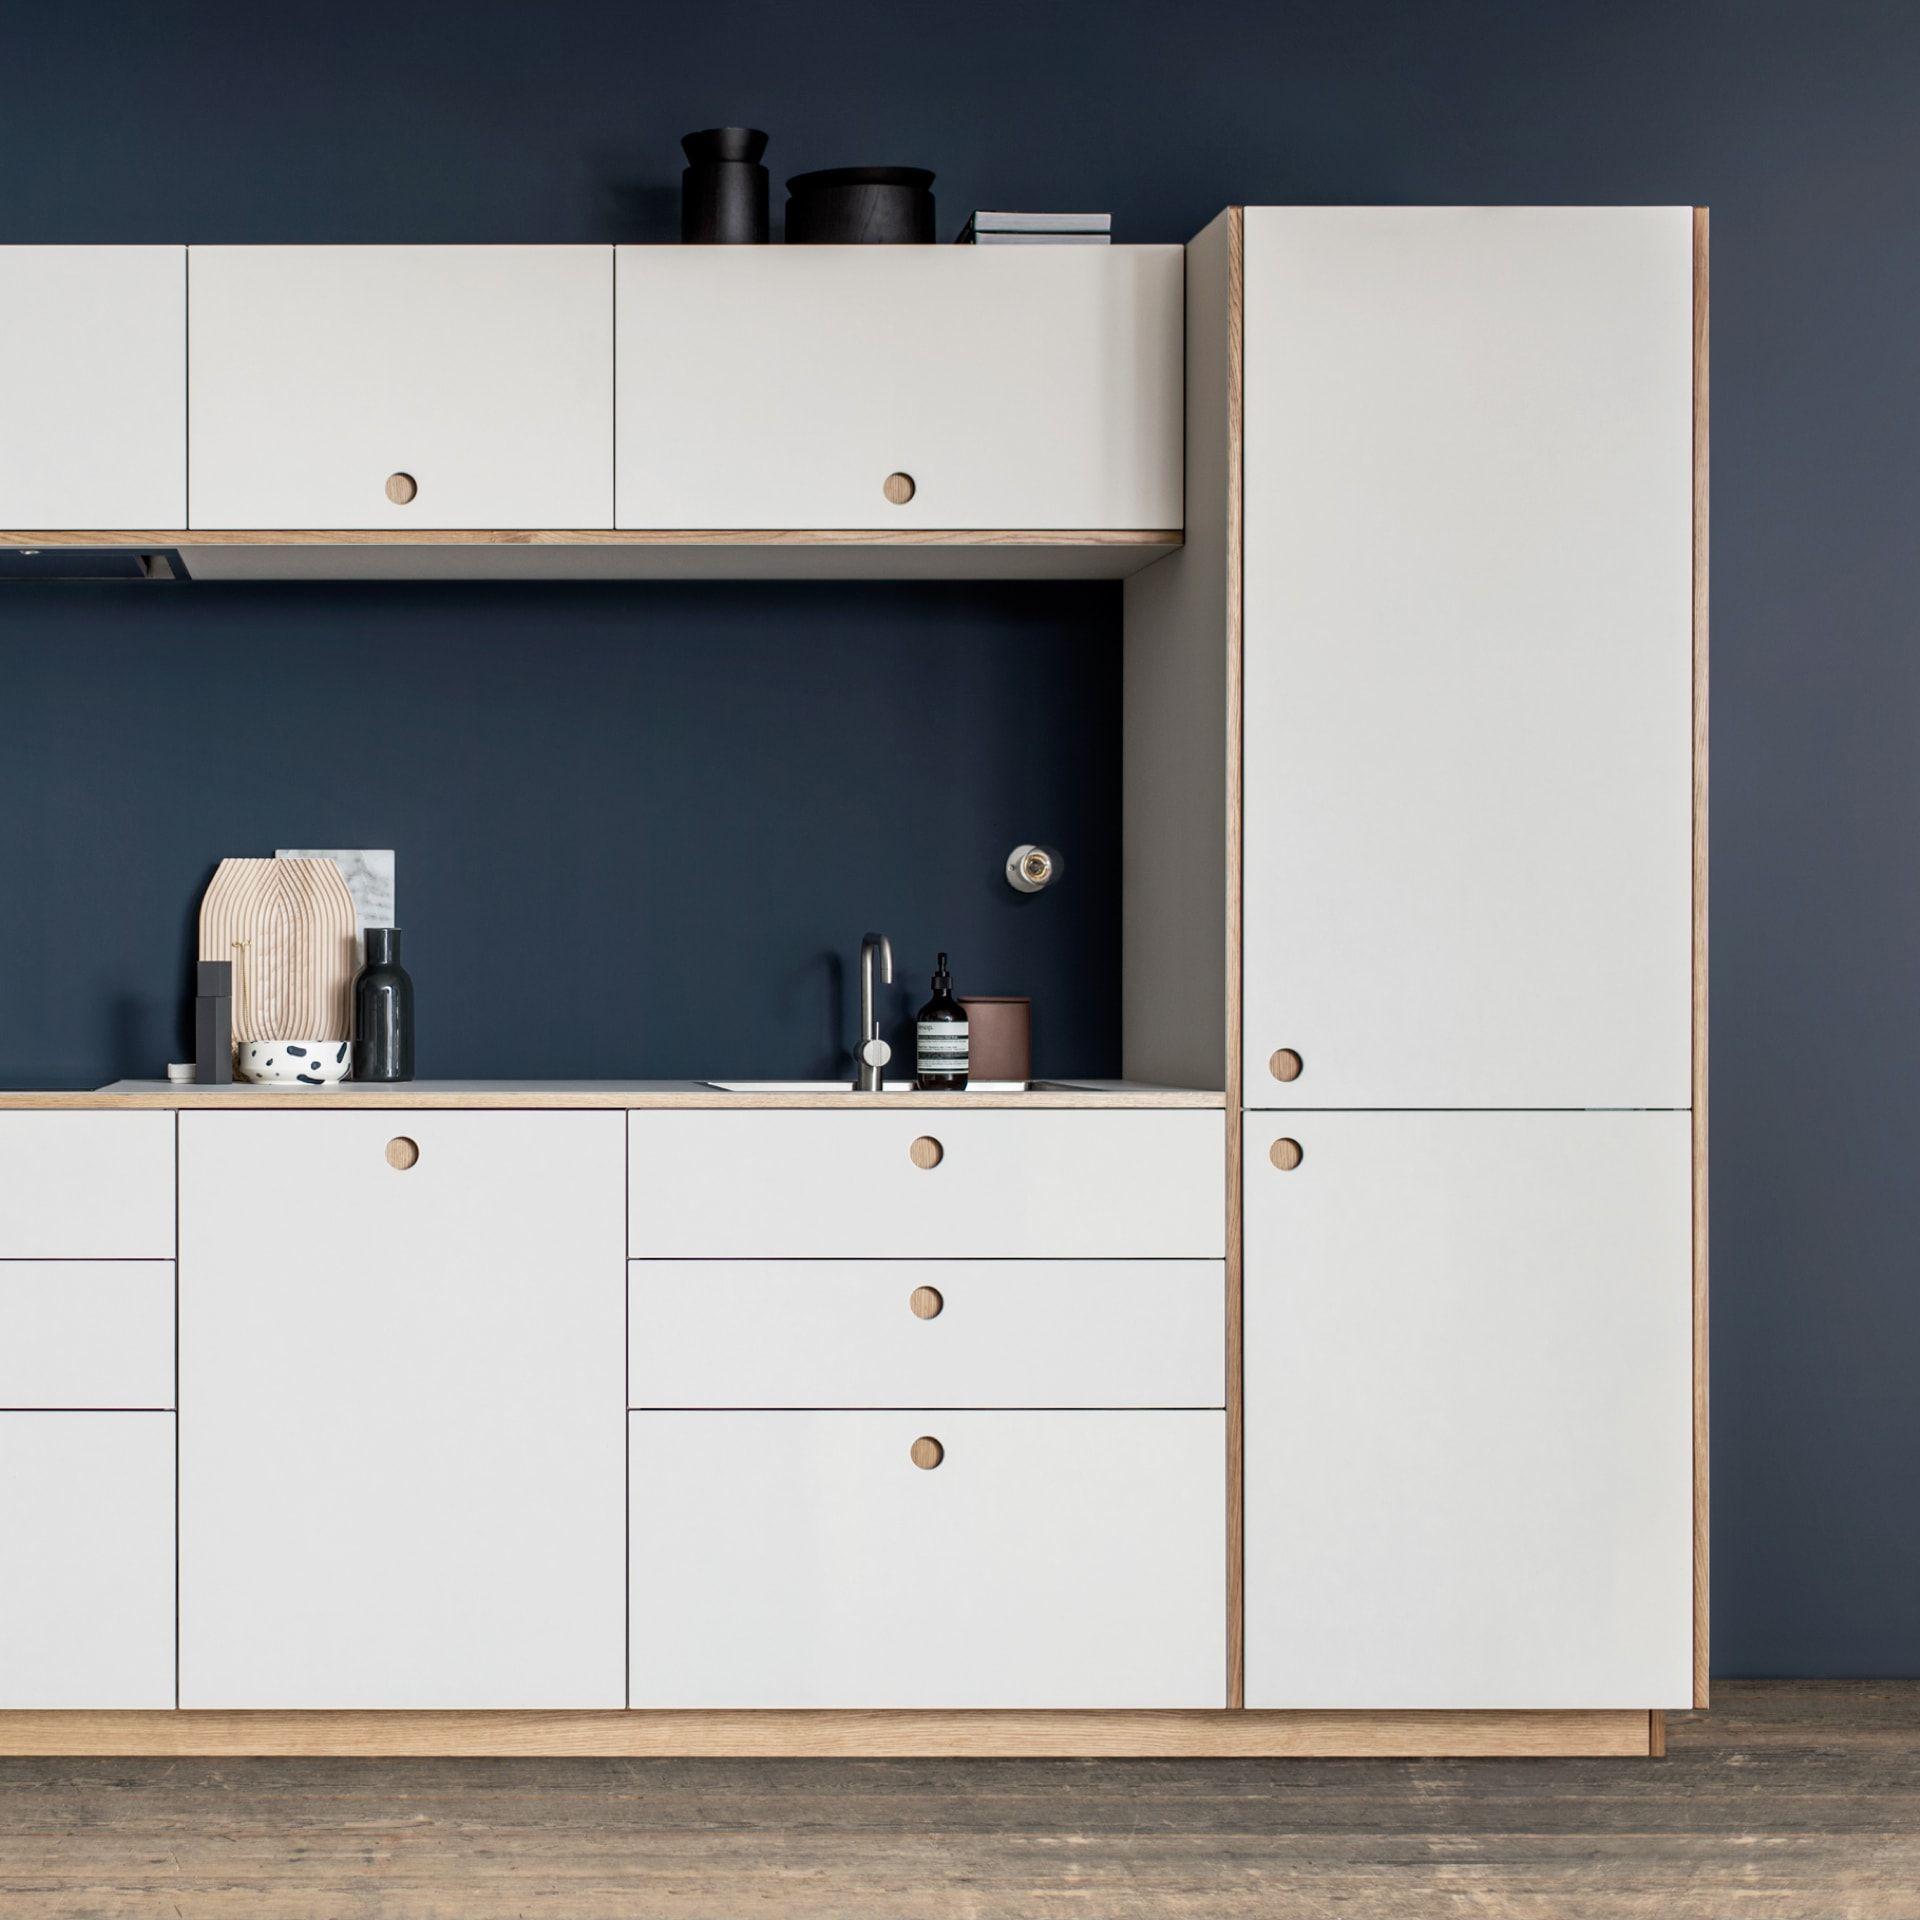 reform bild anzeigen wohnen pinterest ikea k che offene k che und altbau k che. Black Bedroom Furniture Sets. Home Design Ideas